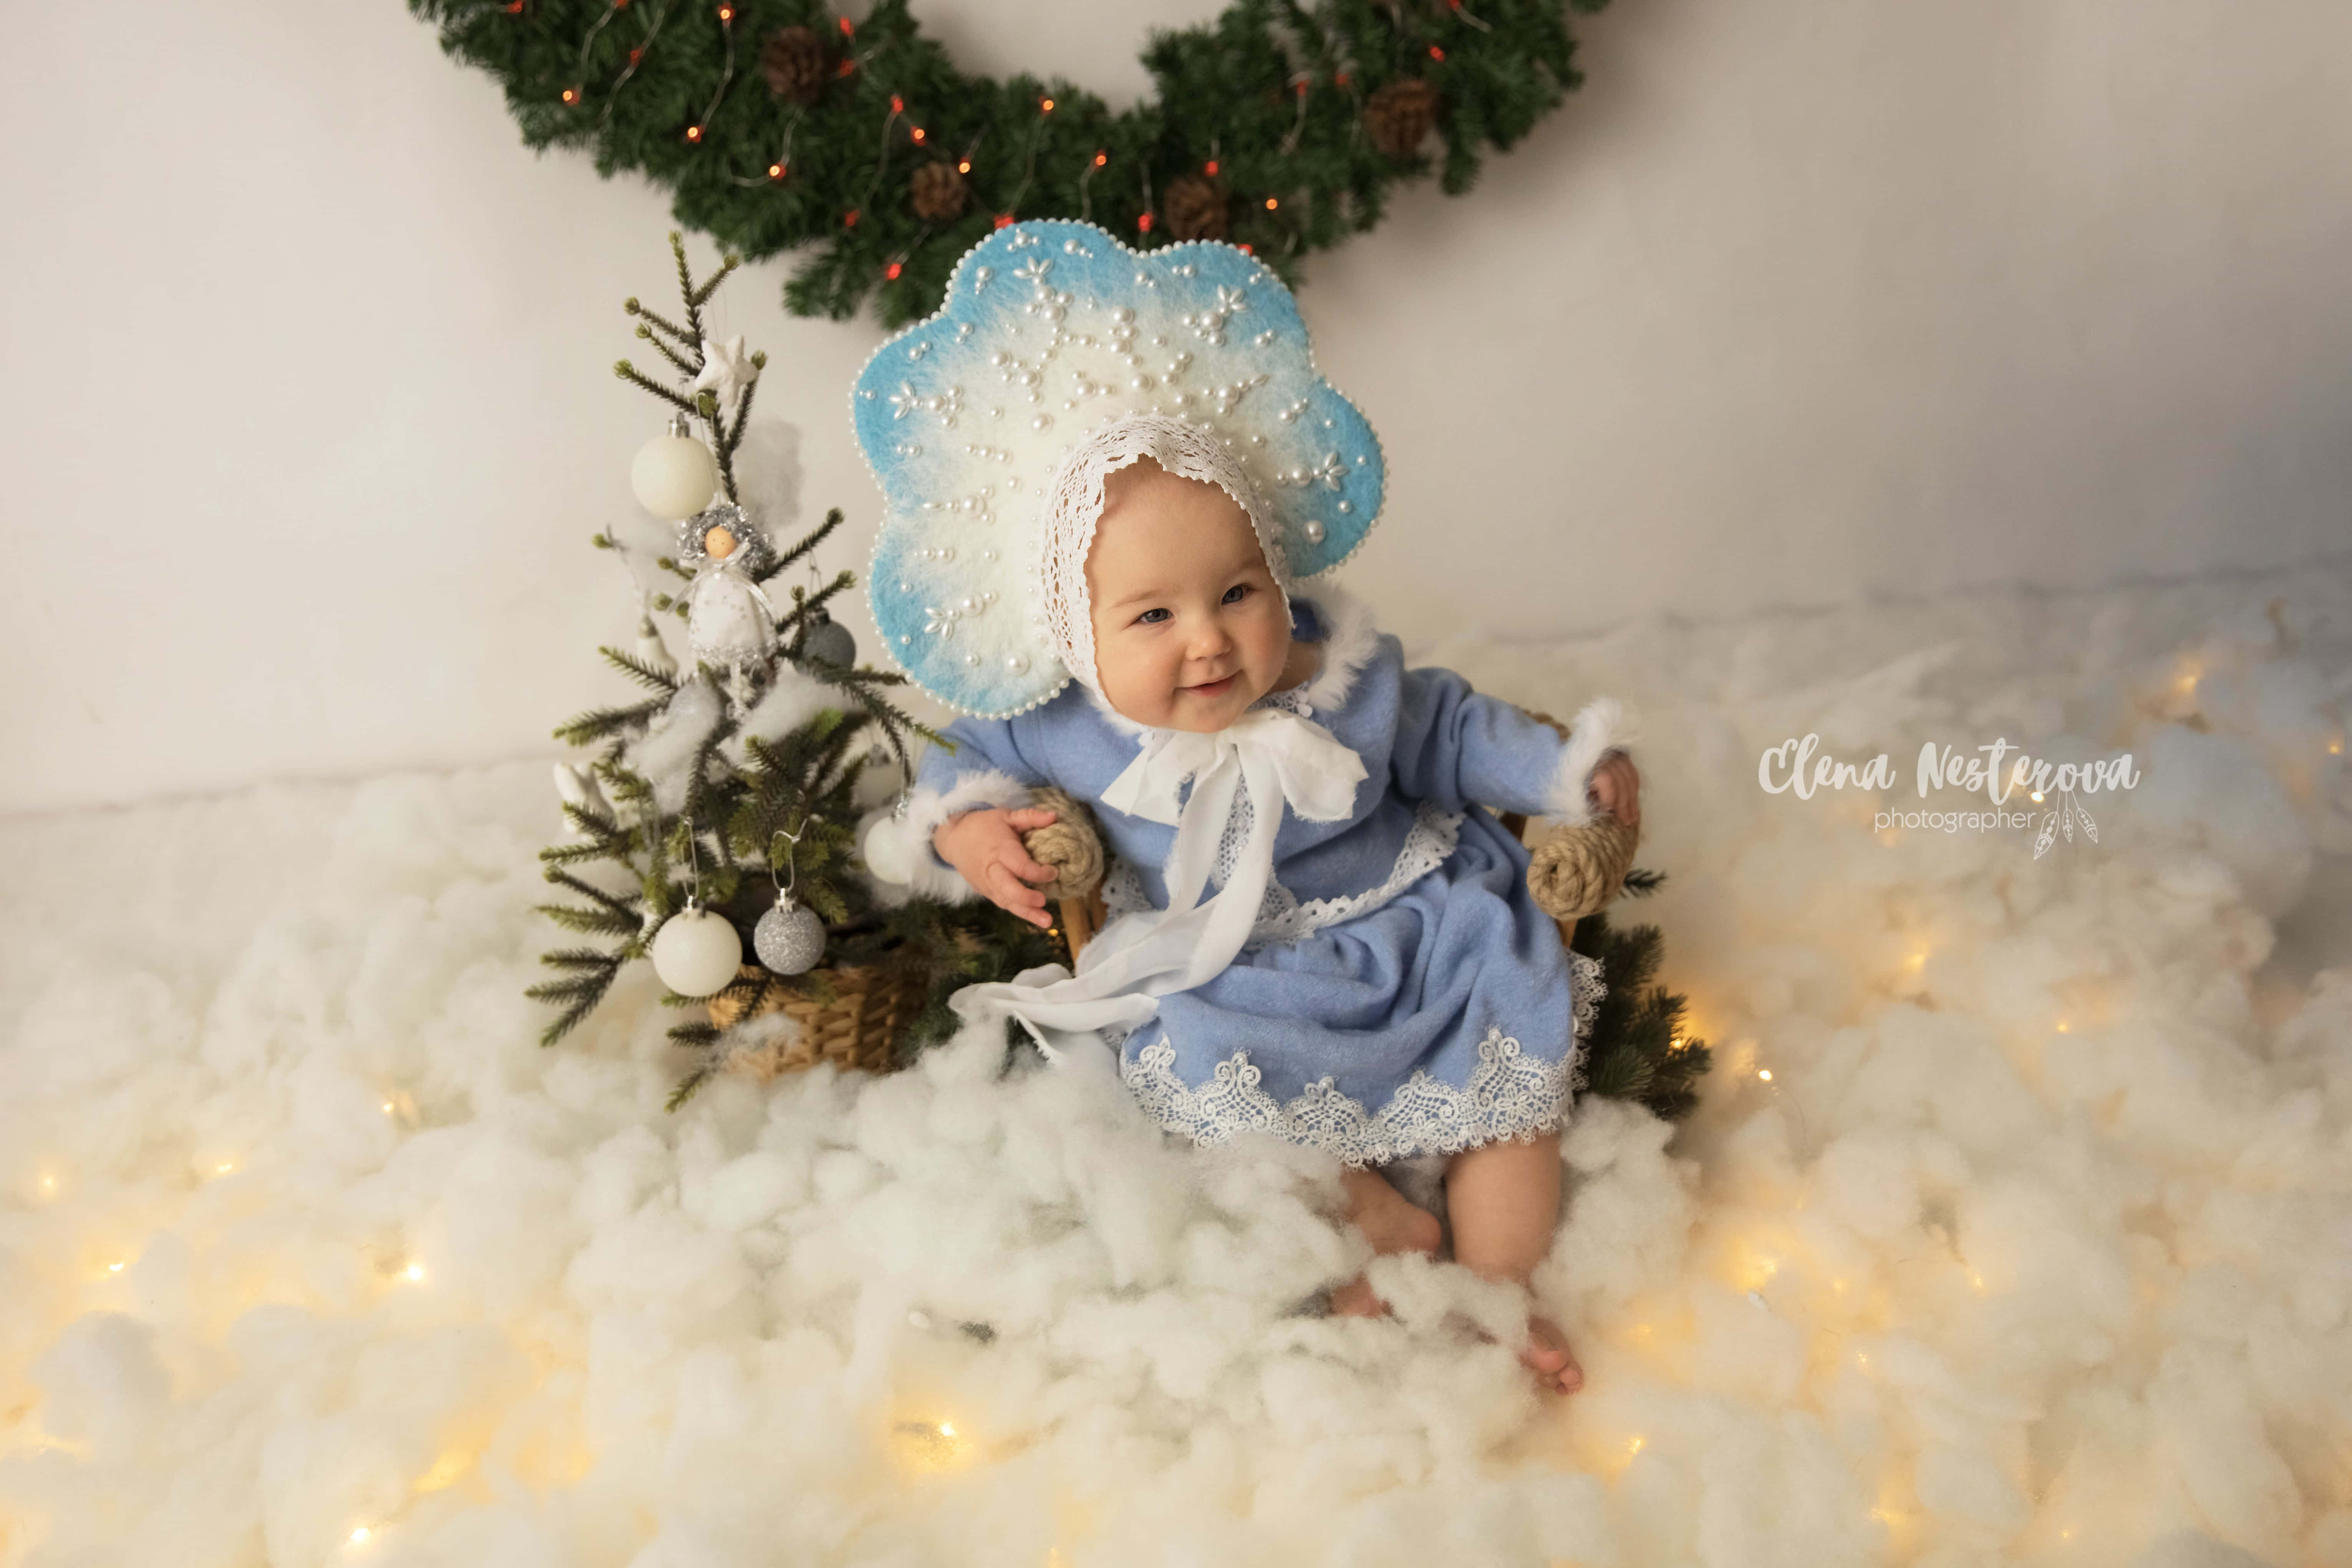 новогодняя фотосессия с малышкой